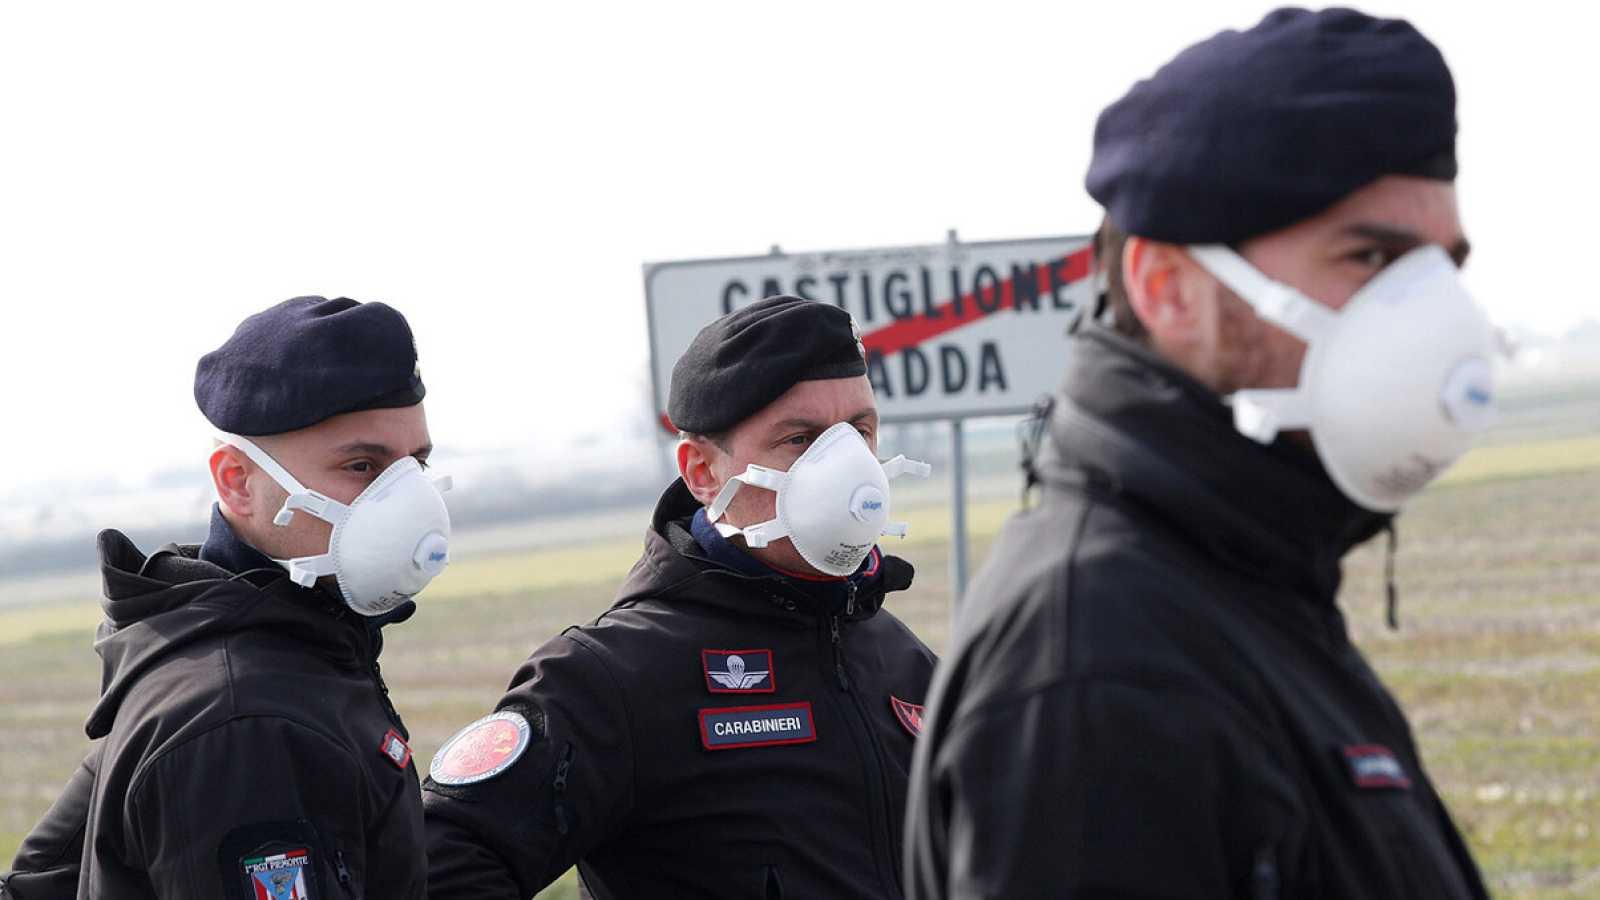 Oficiales de carabineros montan guardia con mascarillas por en Castiglione D'Adda, una de las localidades en cuarentena por el coronavirus,. REUTERS/Guglielmo Mangiapane